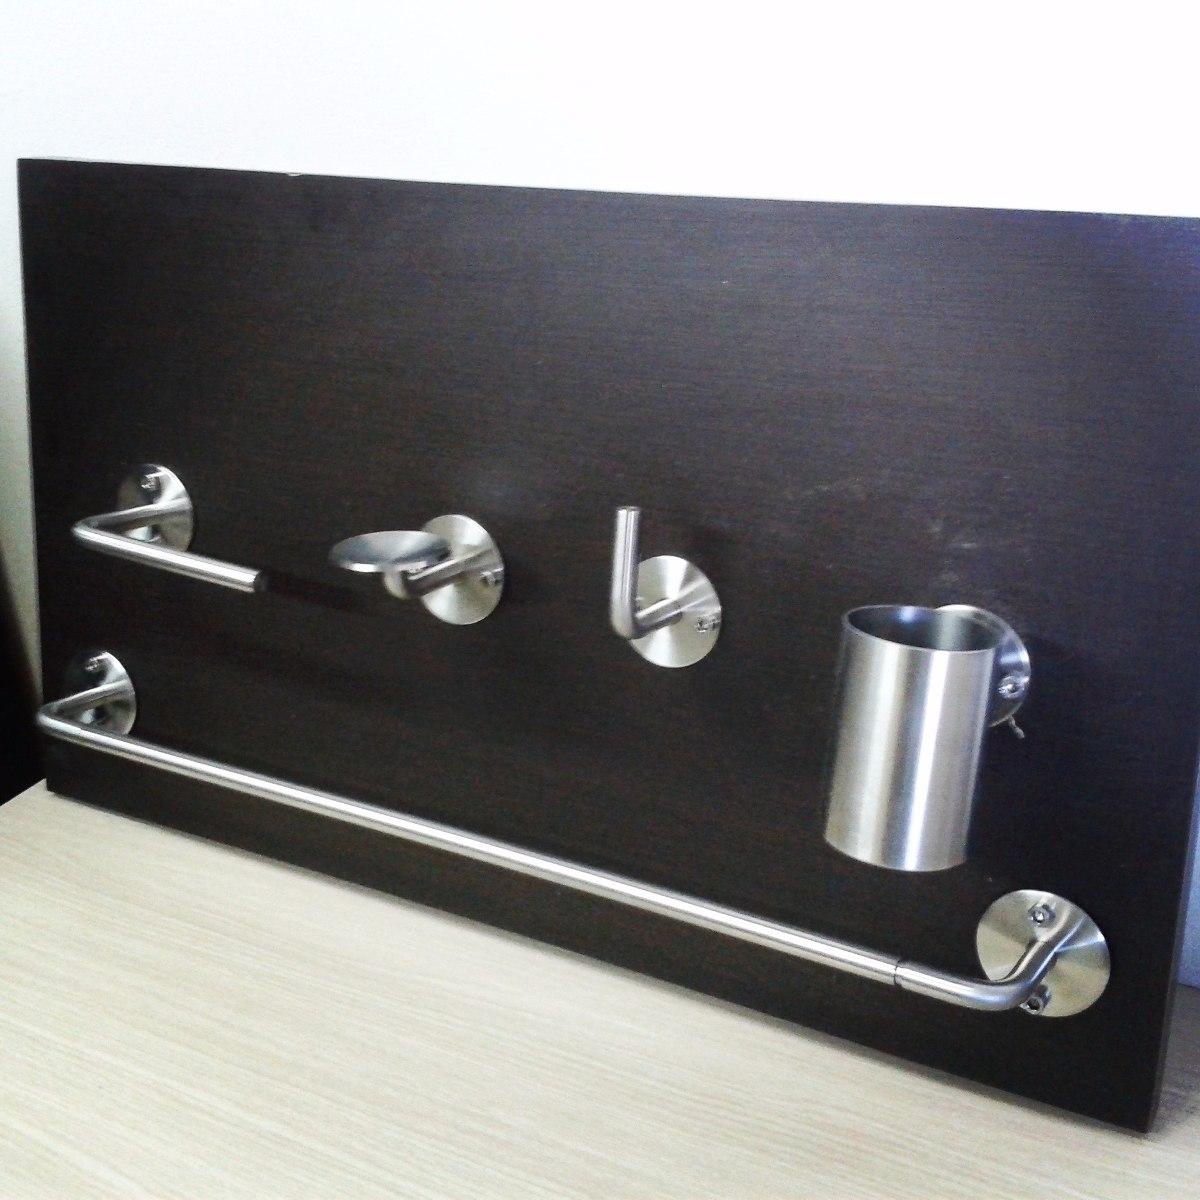 Accesorios para ba o kit de 5 piezas de acero inoxidable - Accesorios bano acero inoxidable ...